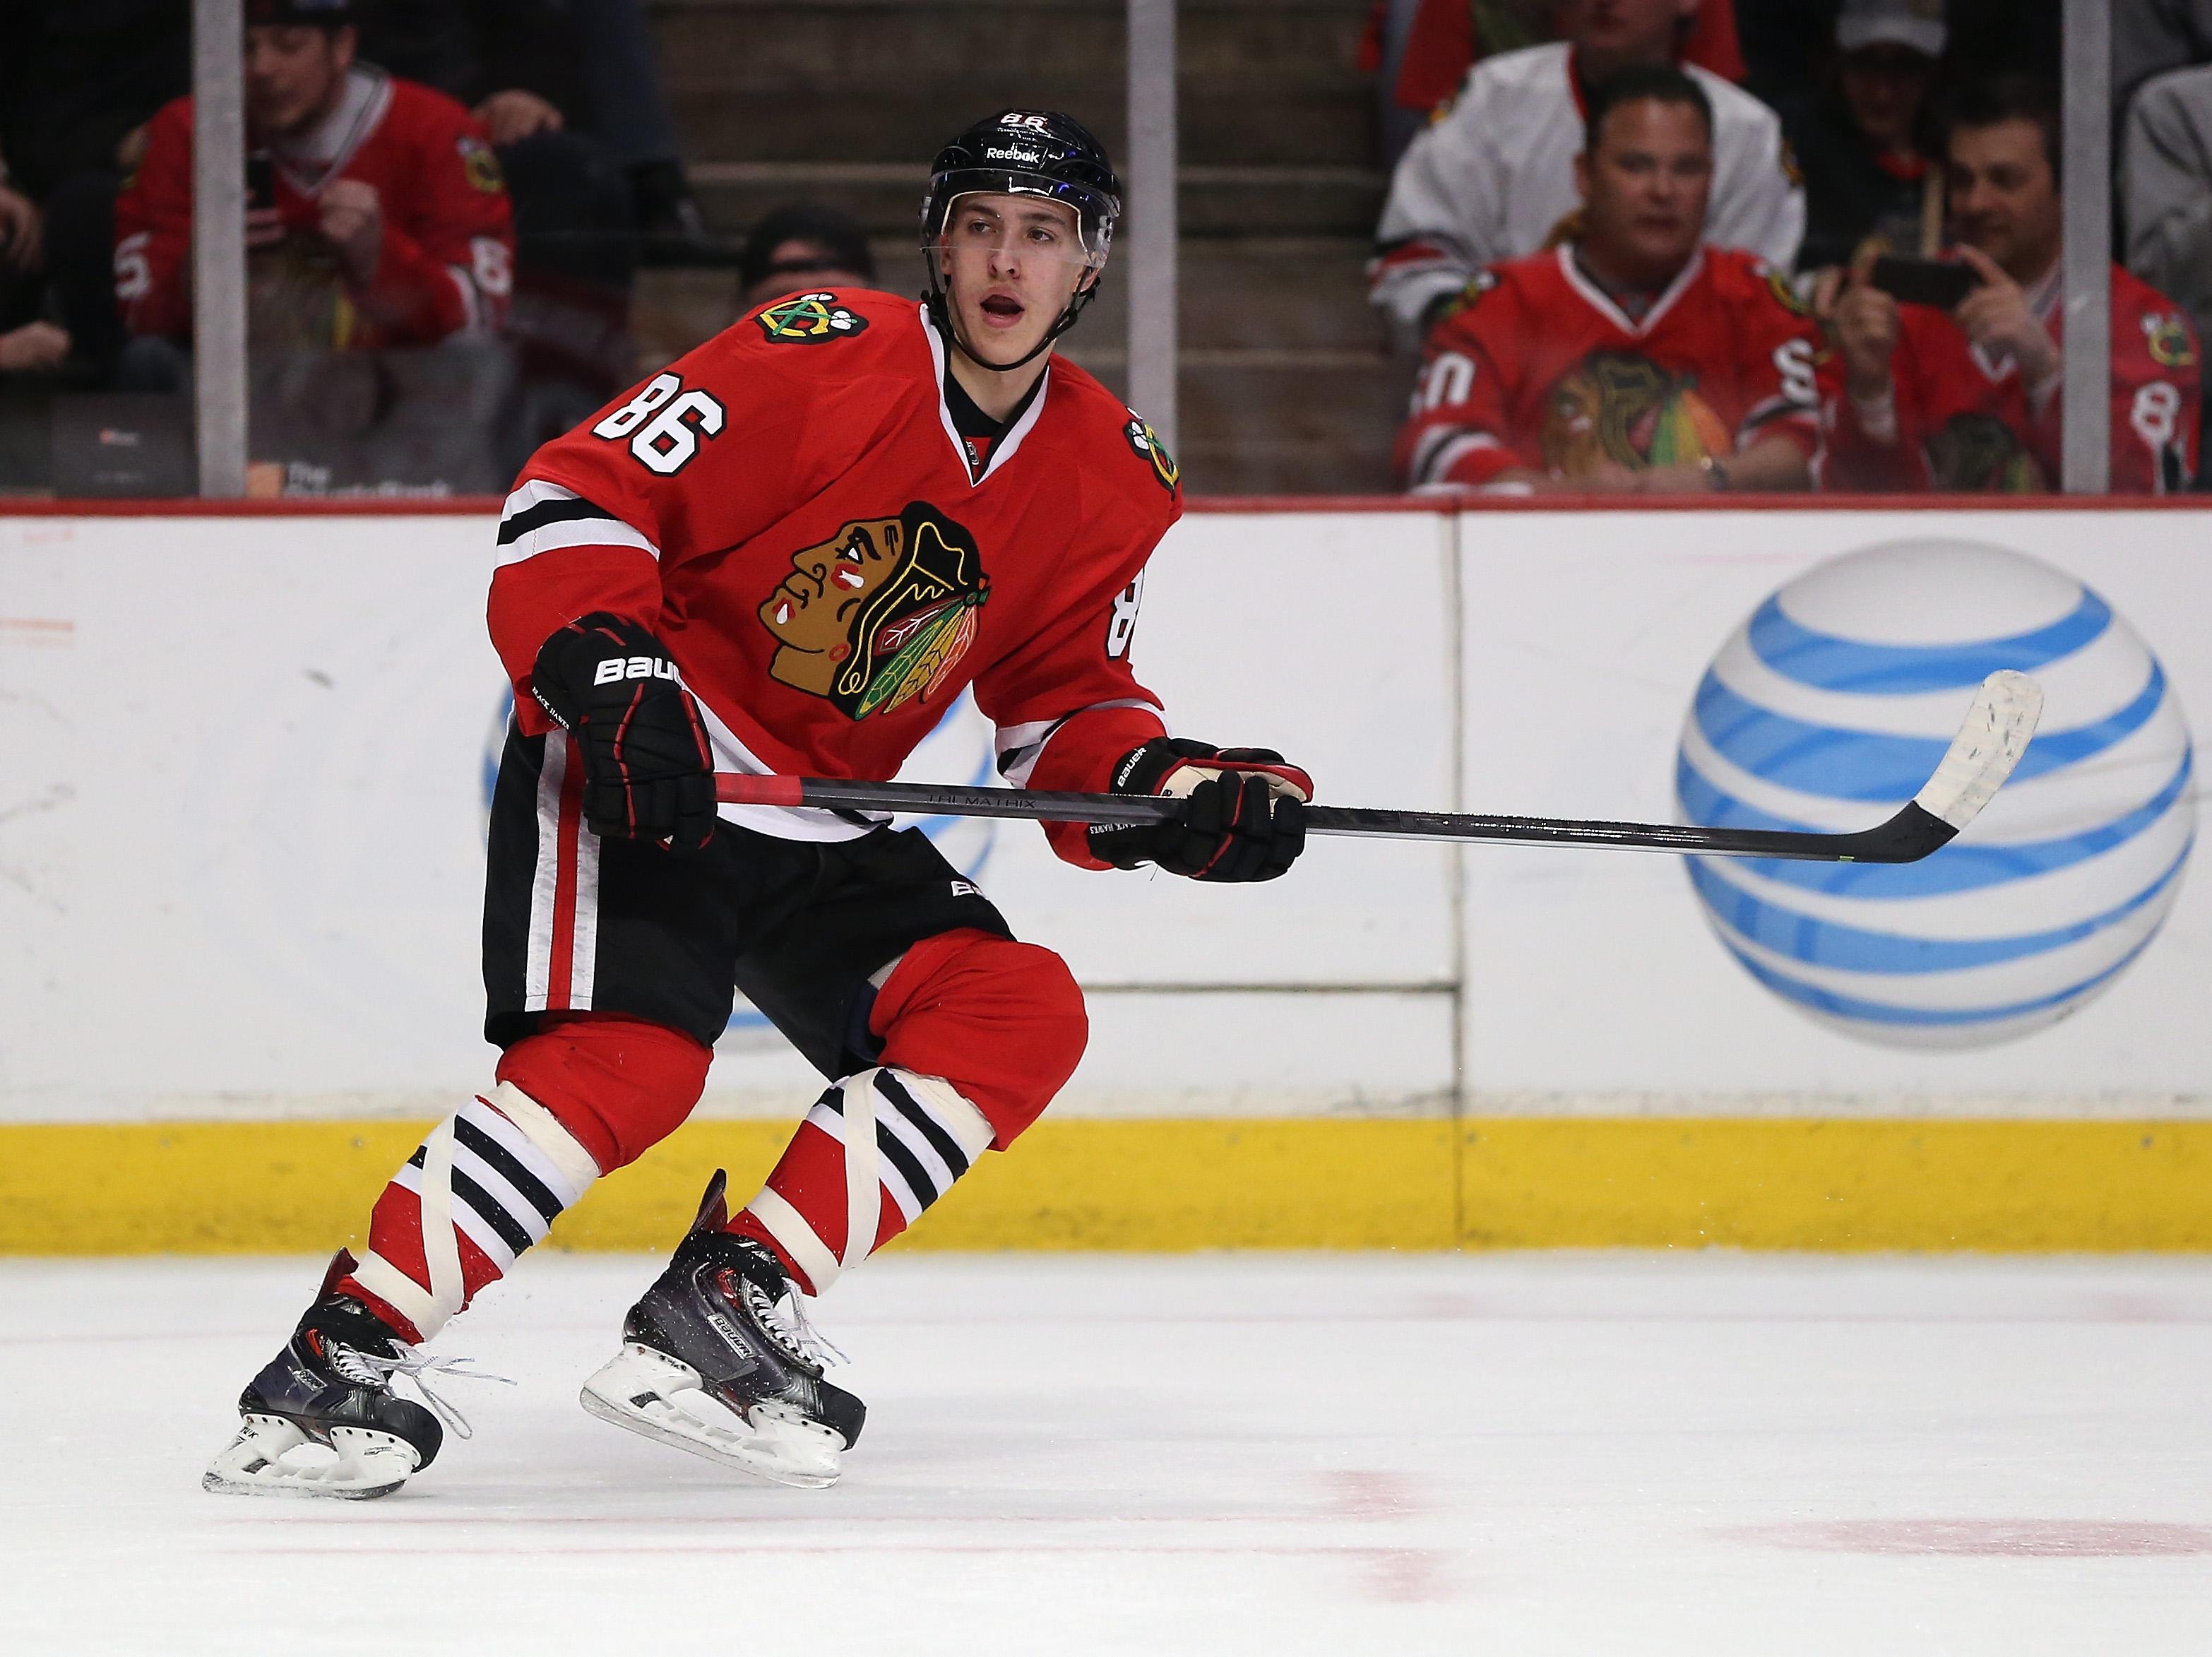 Teuvo Teräväinen pelasi ensimmäisen NHL-ottelunsa Dallasia vastaan (Getty)